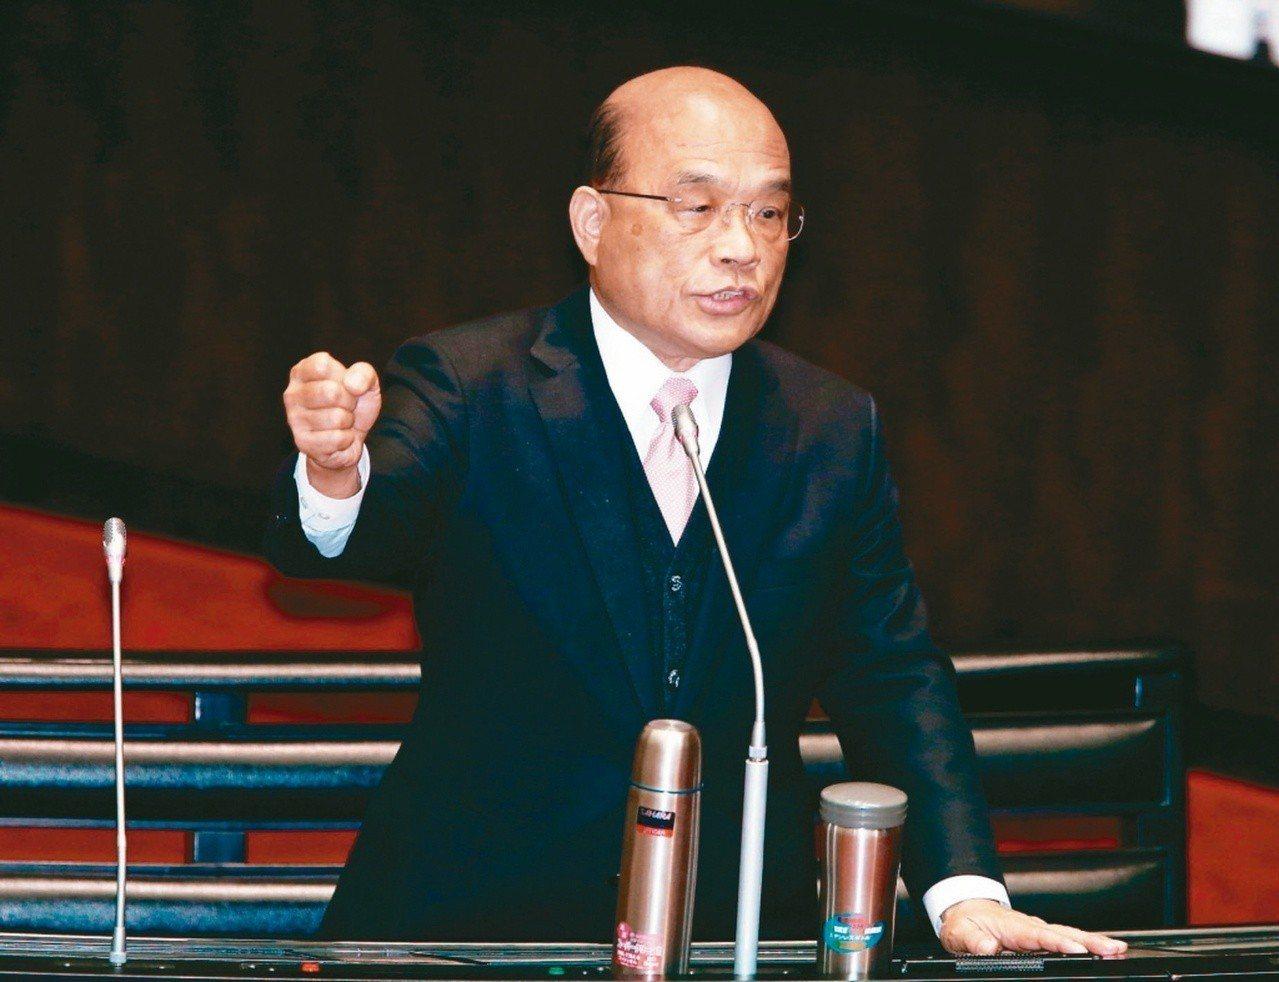 繼行政院前院長賴清德說「民進黨現在就只剩一口氣」,接任的院長蘇貞昌也說,民進黨現...